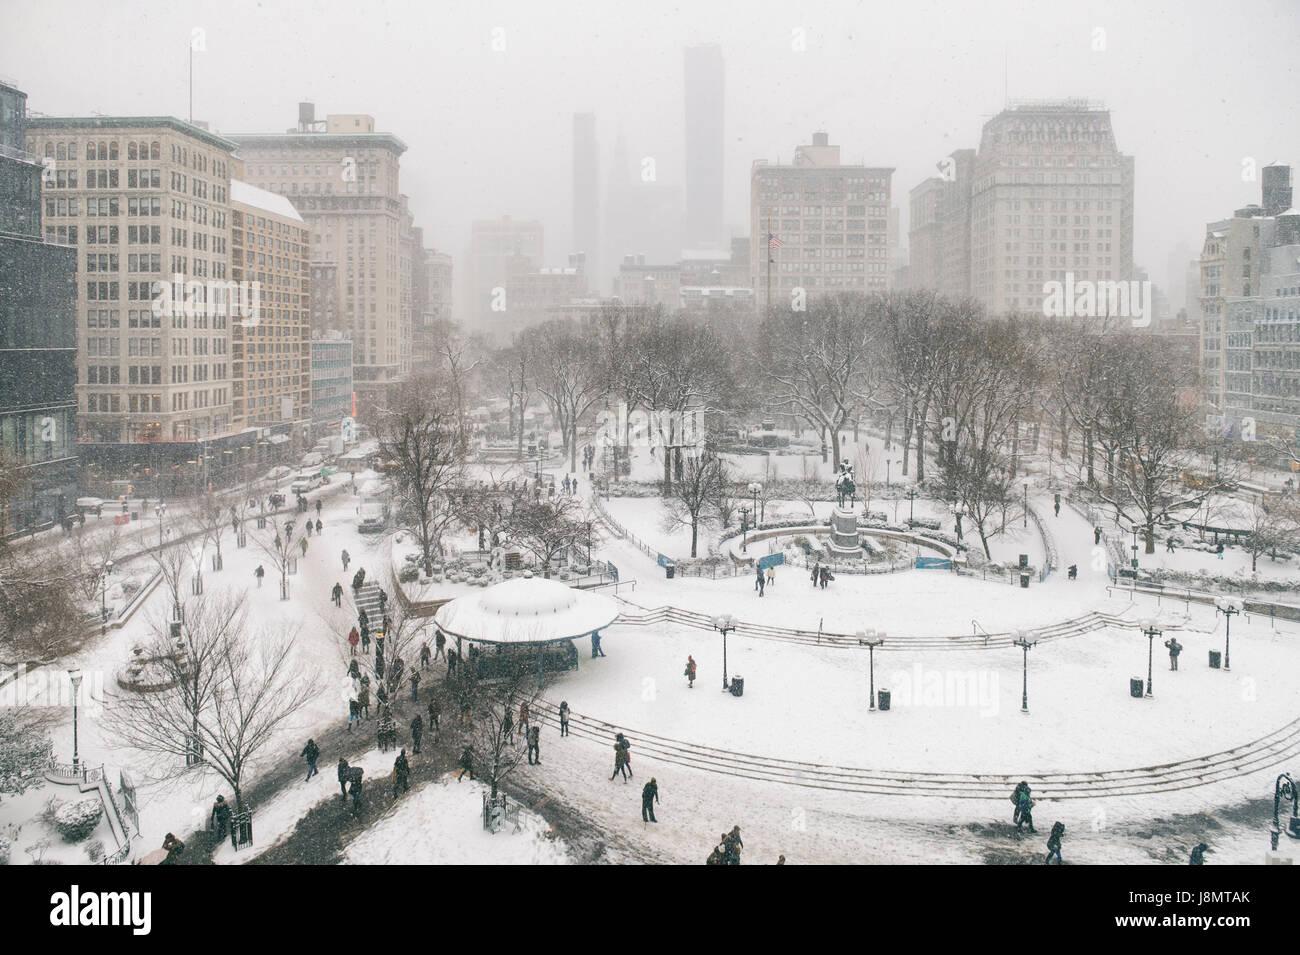 Scène d'hiver enneigé avec des pistes laissées par les piétons dans la neige dans l'Union Square comme un blizzard dépasse New York City Banque D'Images